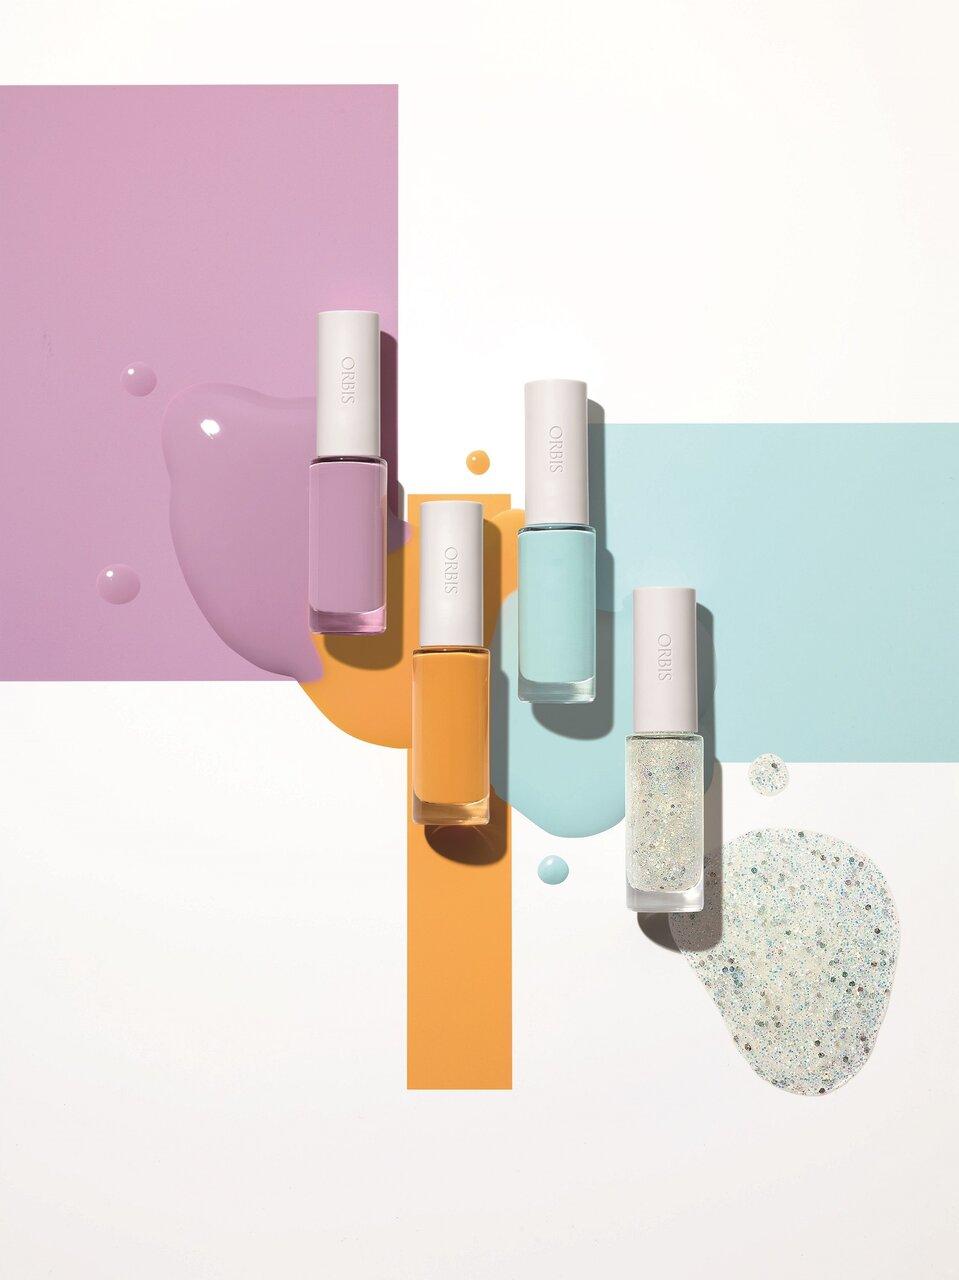 ORBIS(オルビス)「ネイルカラー」2020年新色&限定色